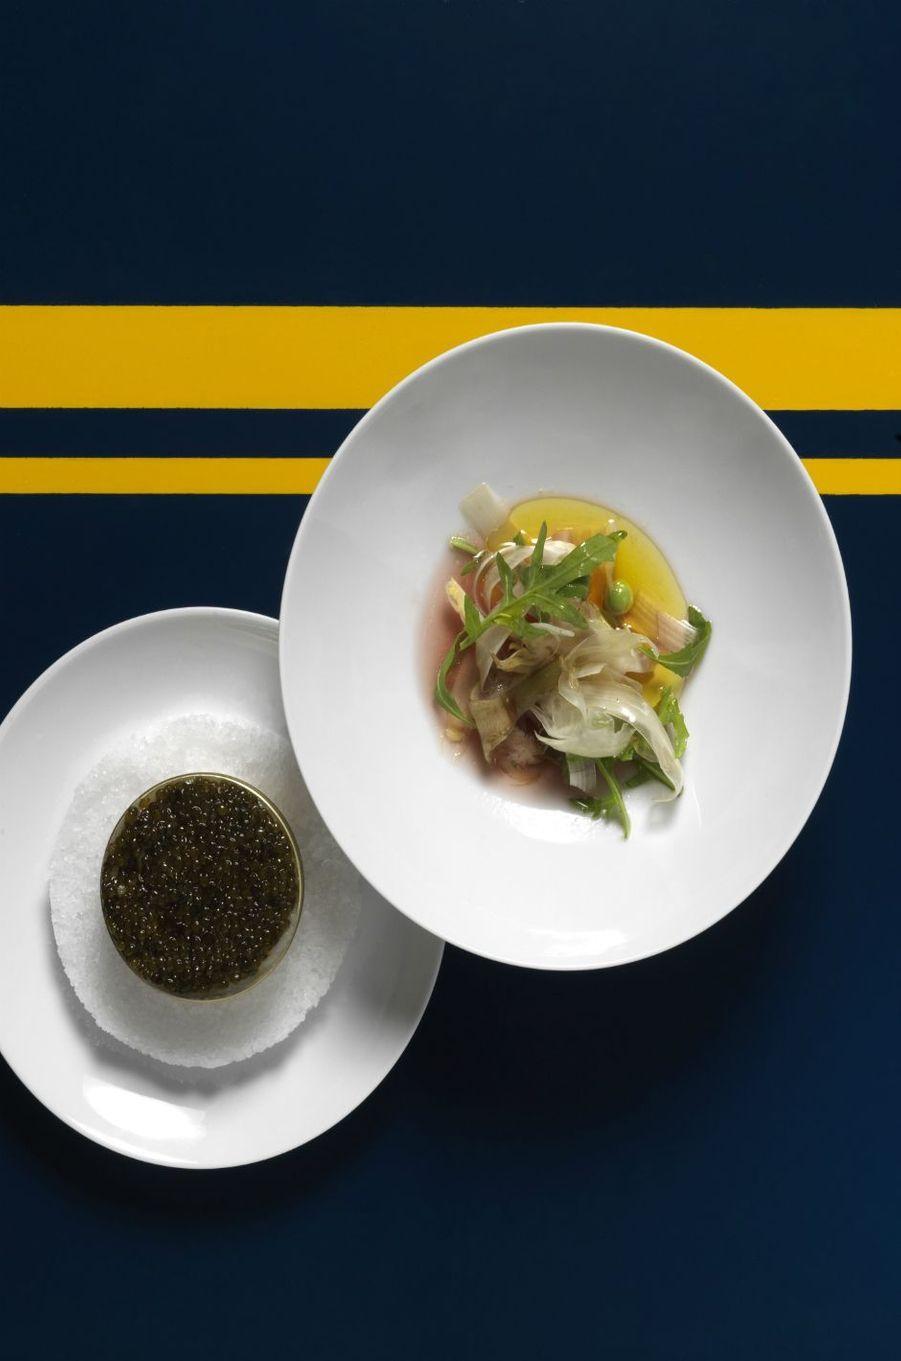 Un repas gastronomique imaginé par les chefs Yannick Alléno et Yann Couvreur